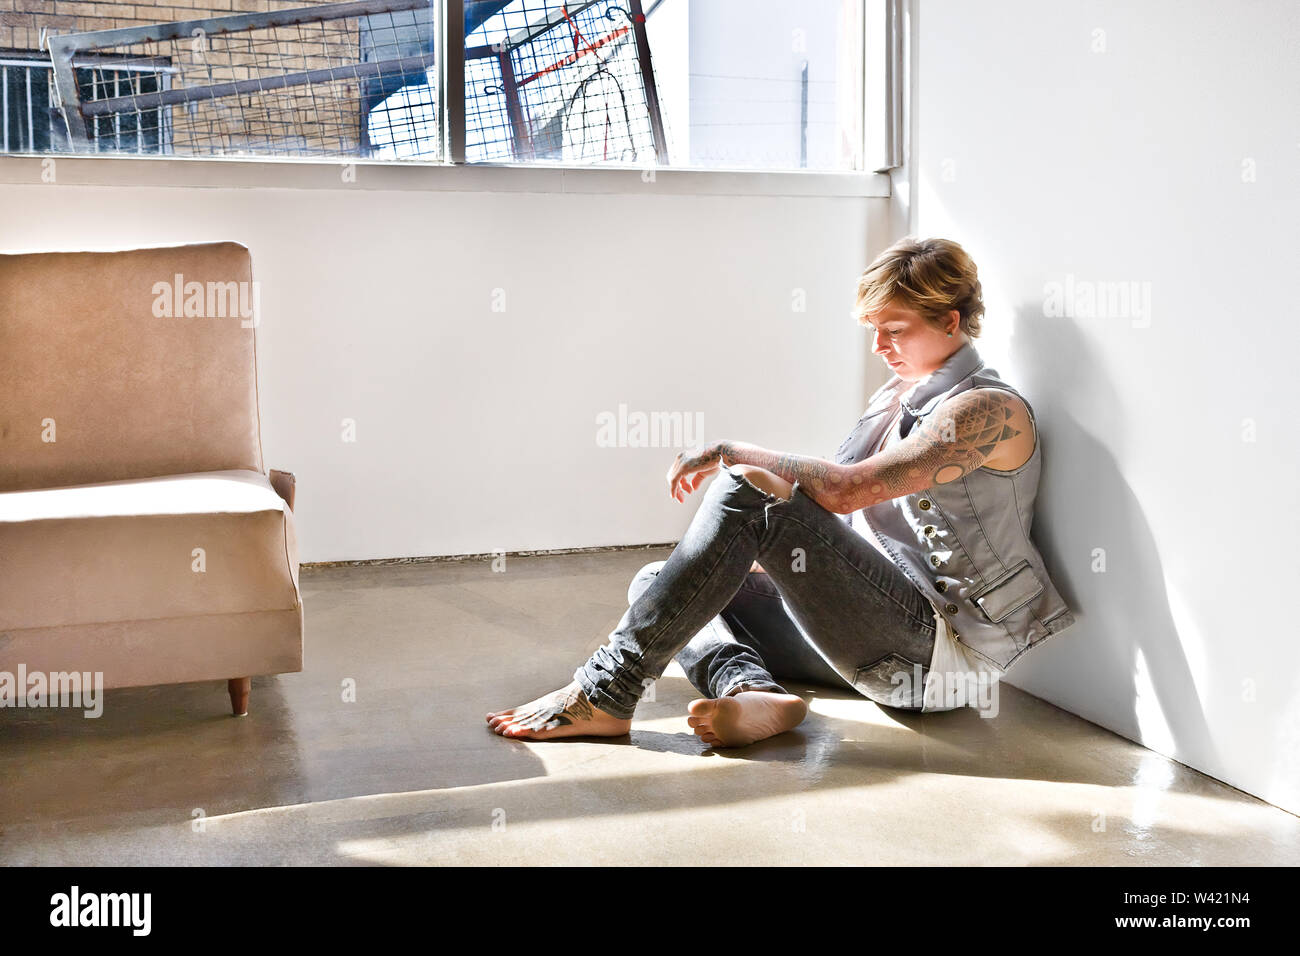 Jeune fille avec un tatouage sur son bras et jambes assis et se courber la tête en bas, comme penser ou montrant la tristesse dans une chambre avec des murs blancs et sous e Photo Stock